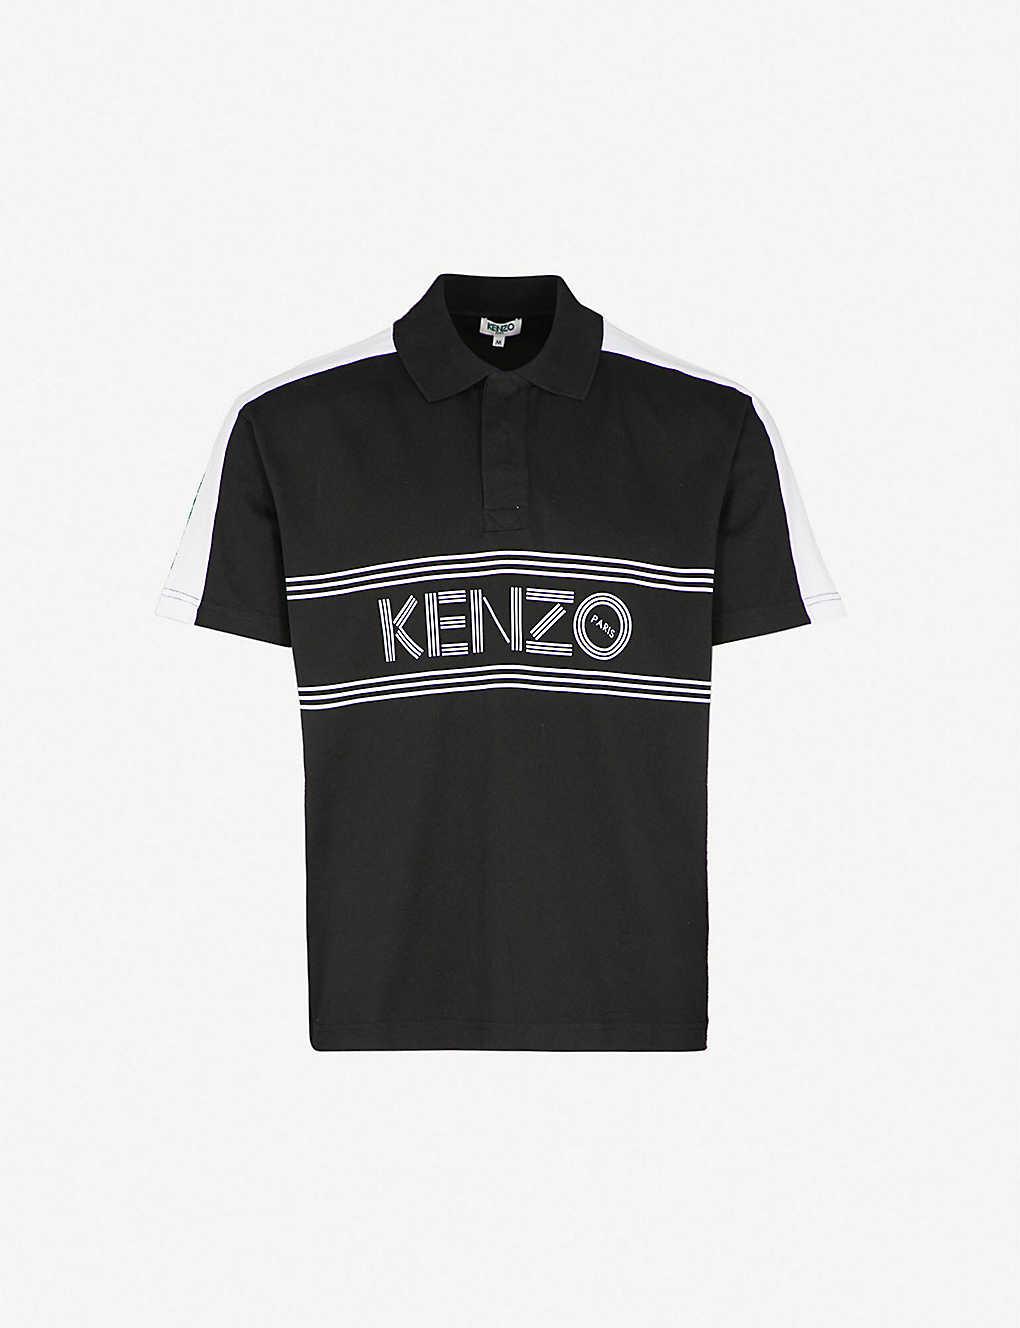 Kenzo Logo Print Cotton Jersey Polo Shirt Selfridges